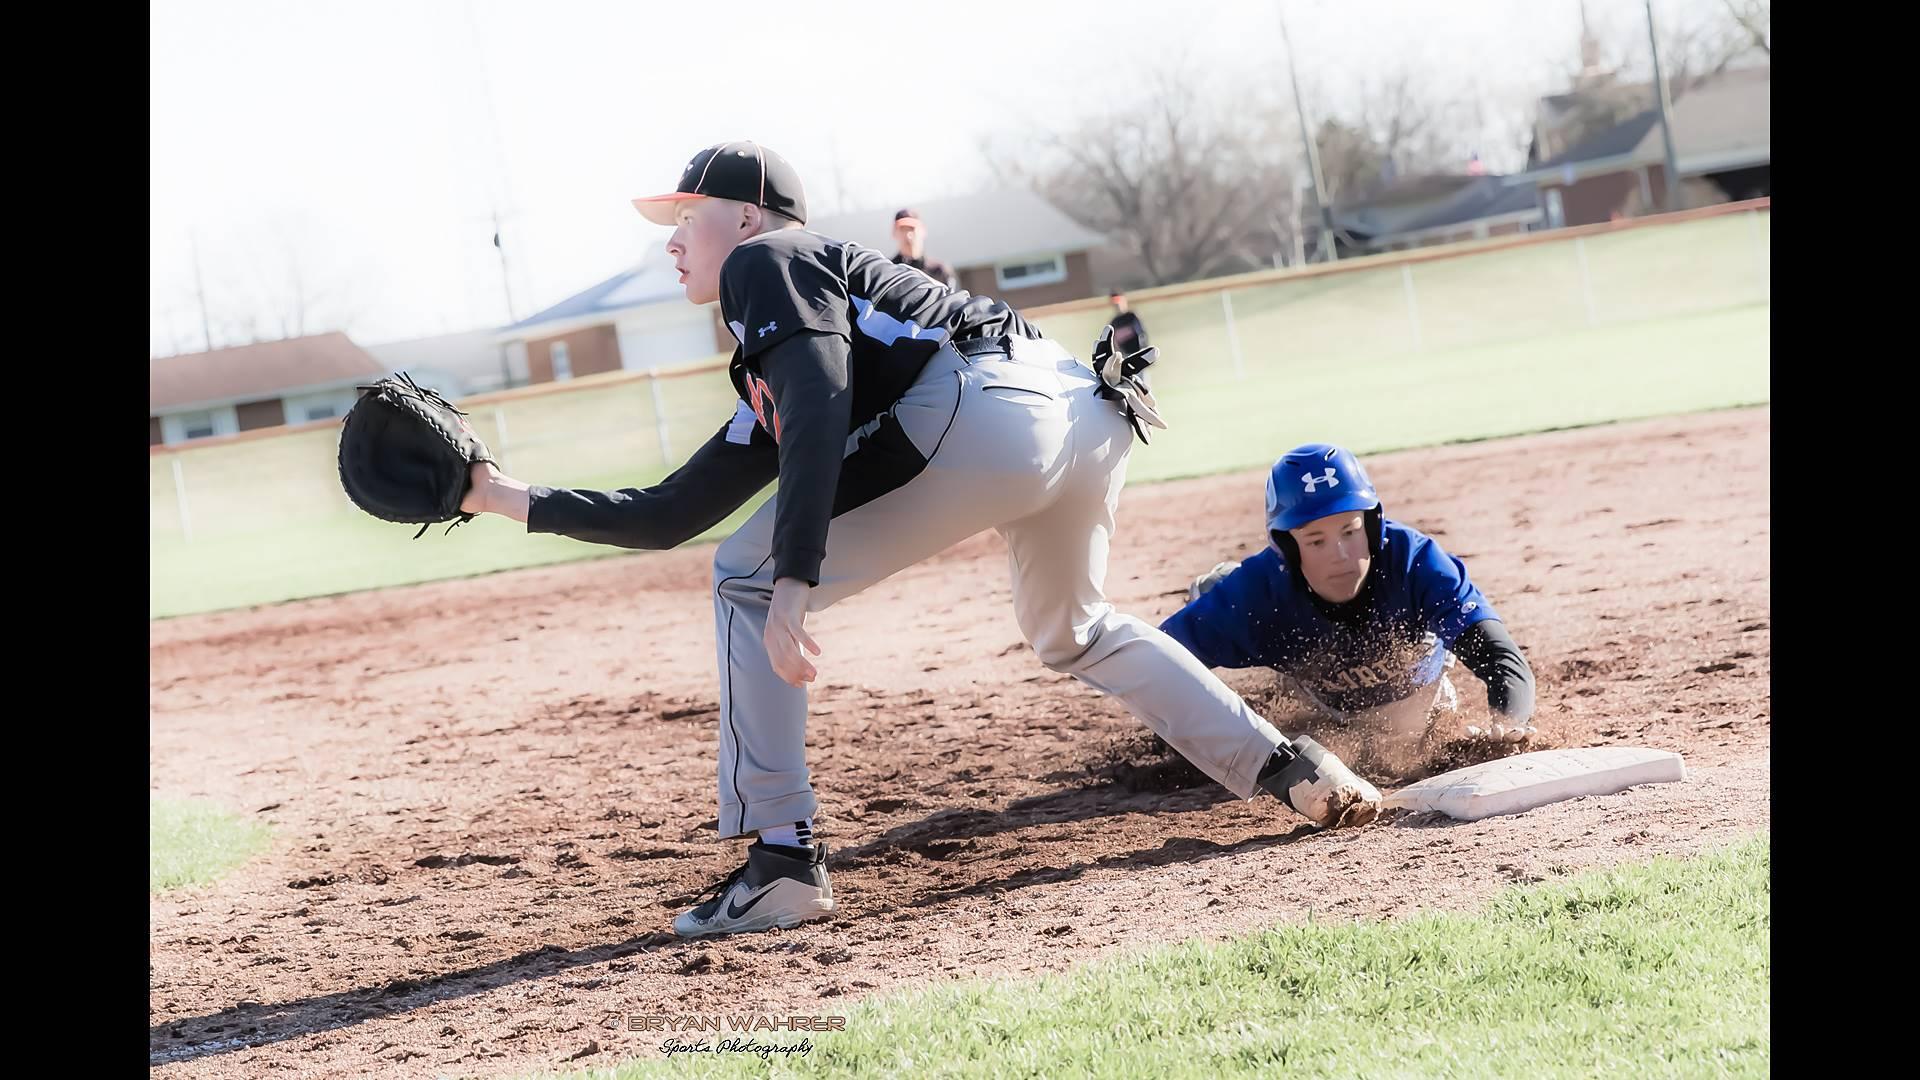 baseball play at the base